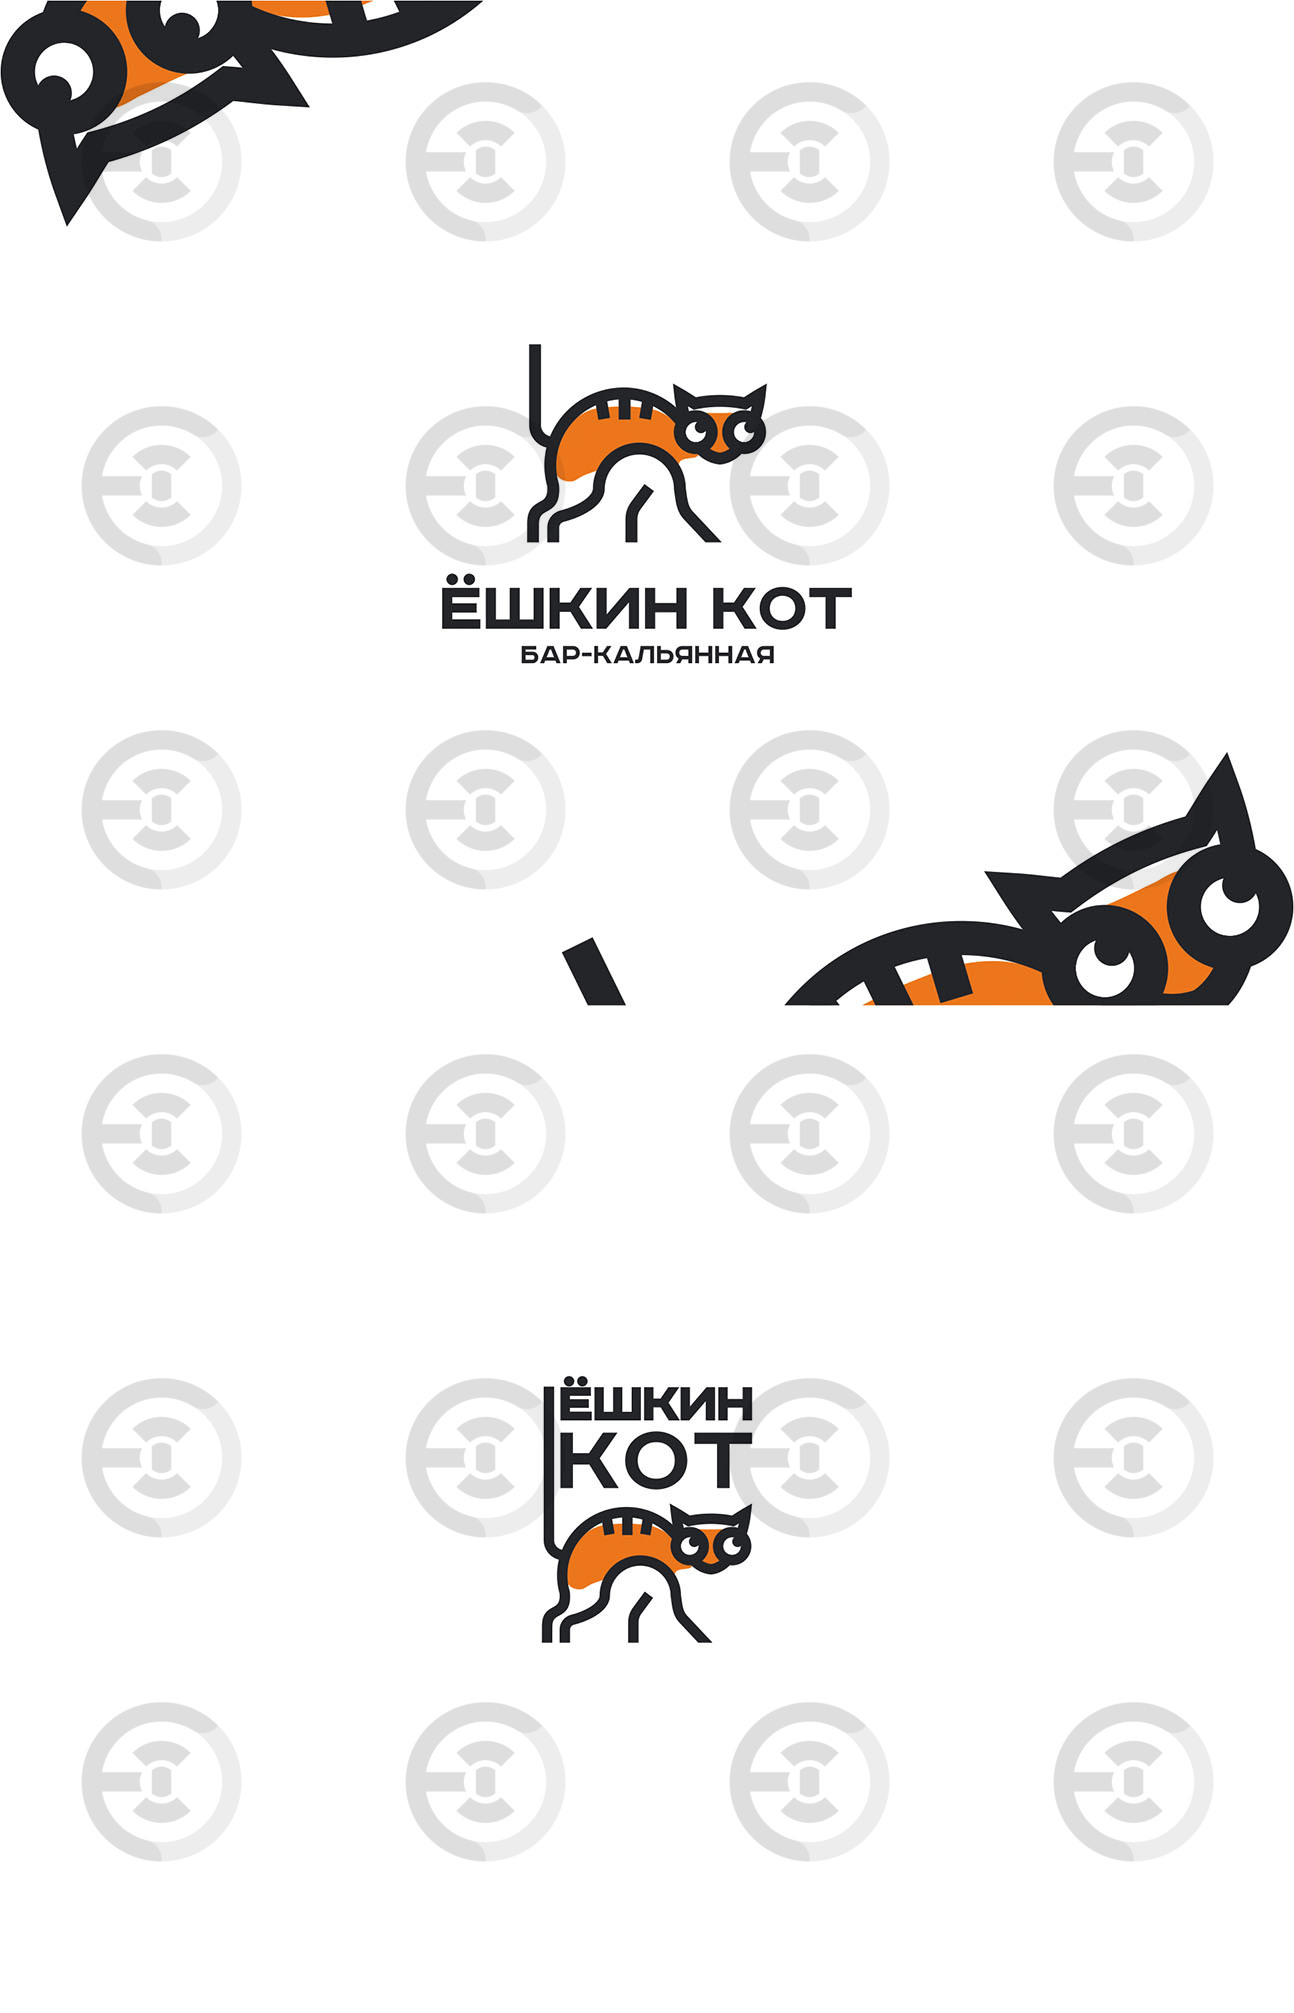 ешкин кот.jpg